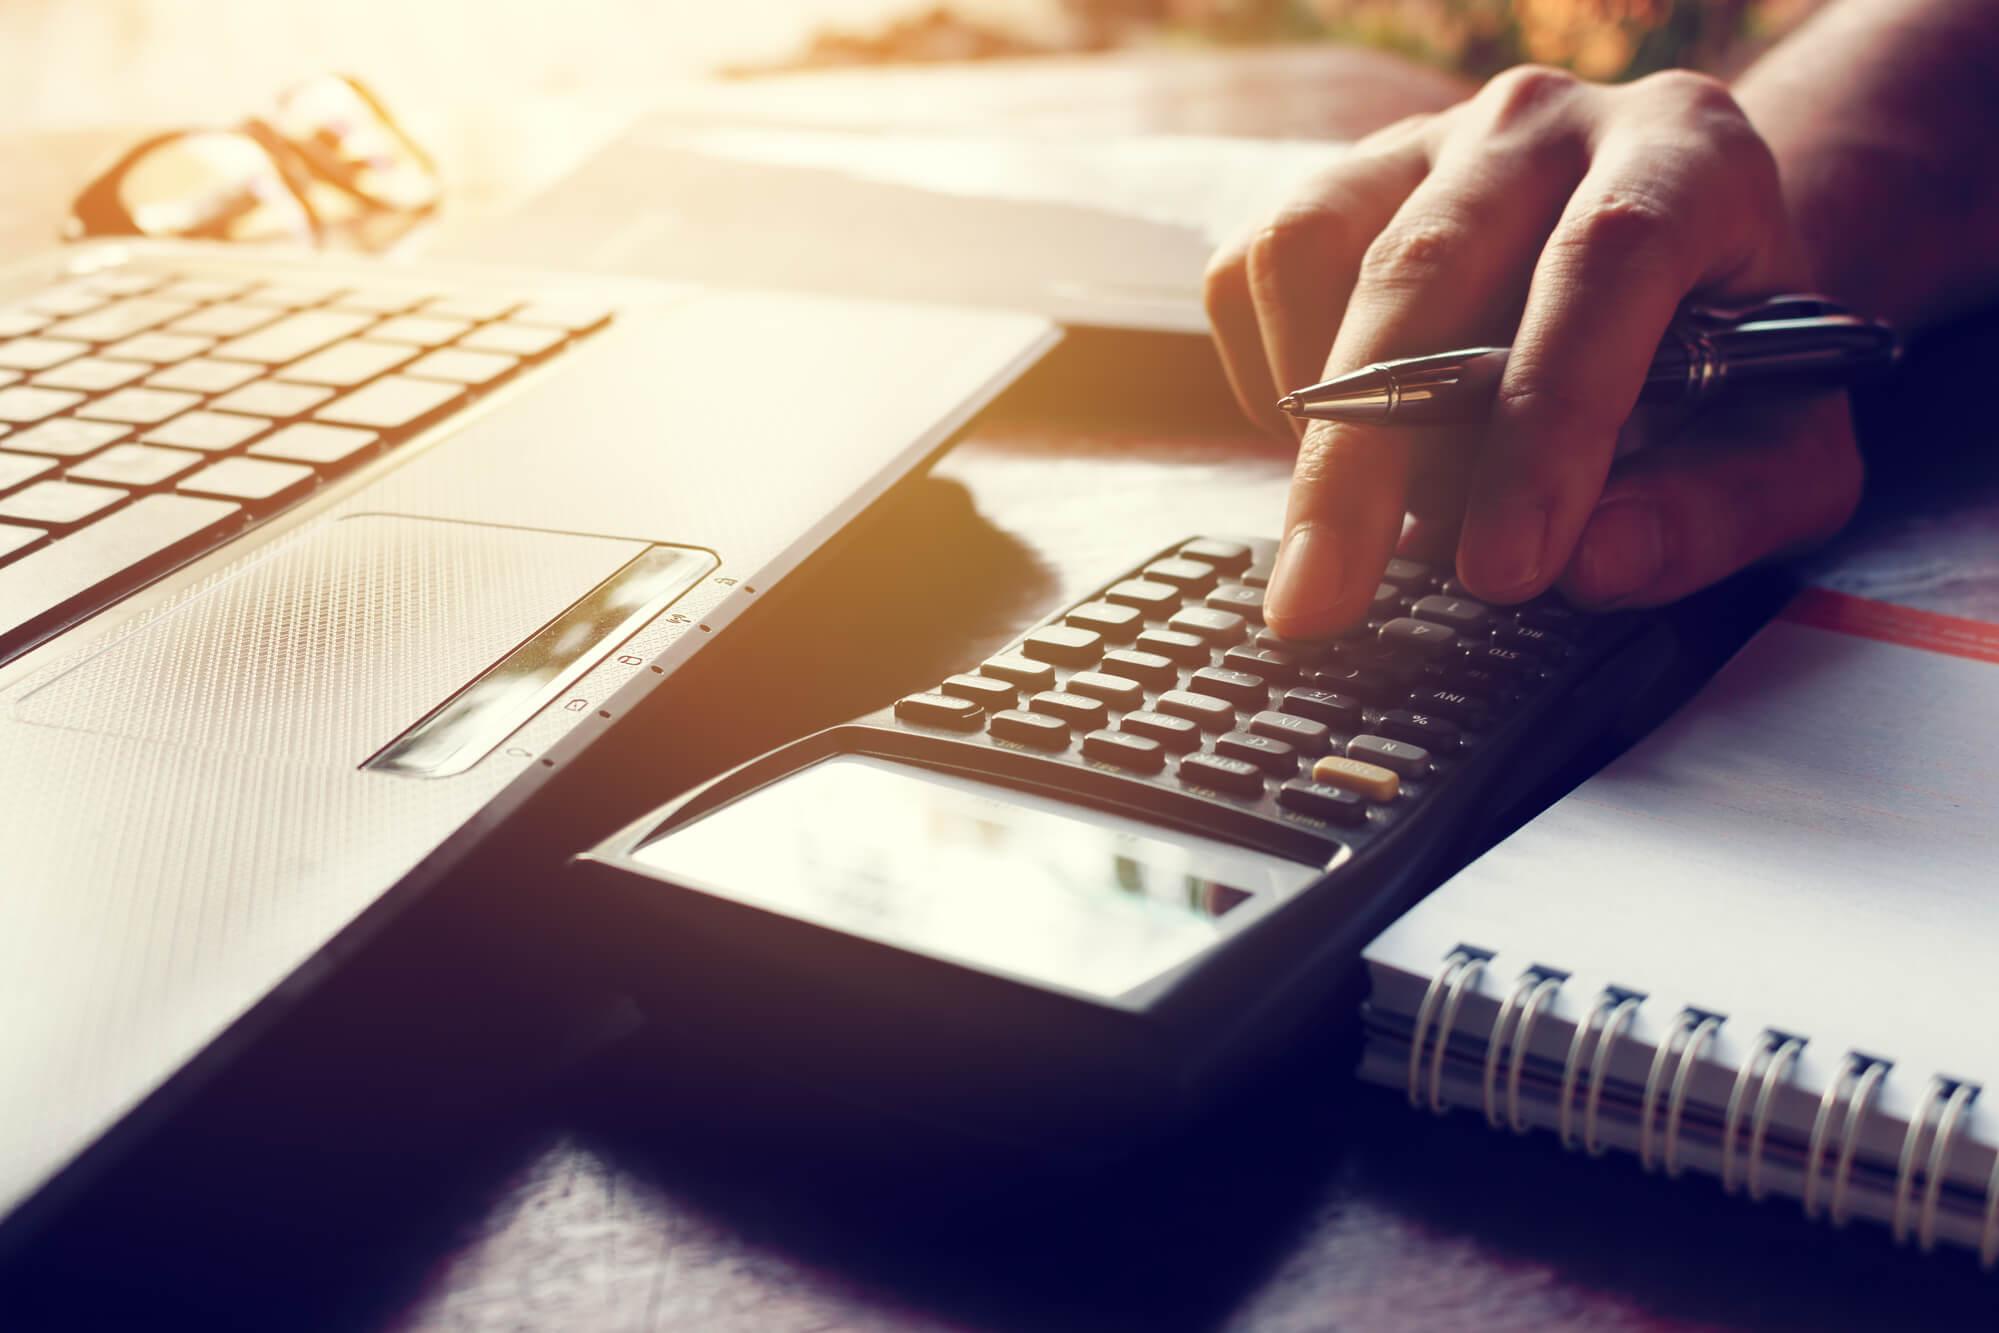 Confira os principais assuntos tributários do mês que podem impactar o seu negócio